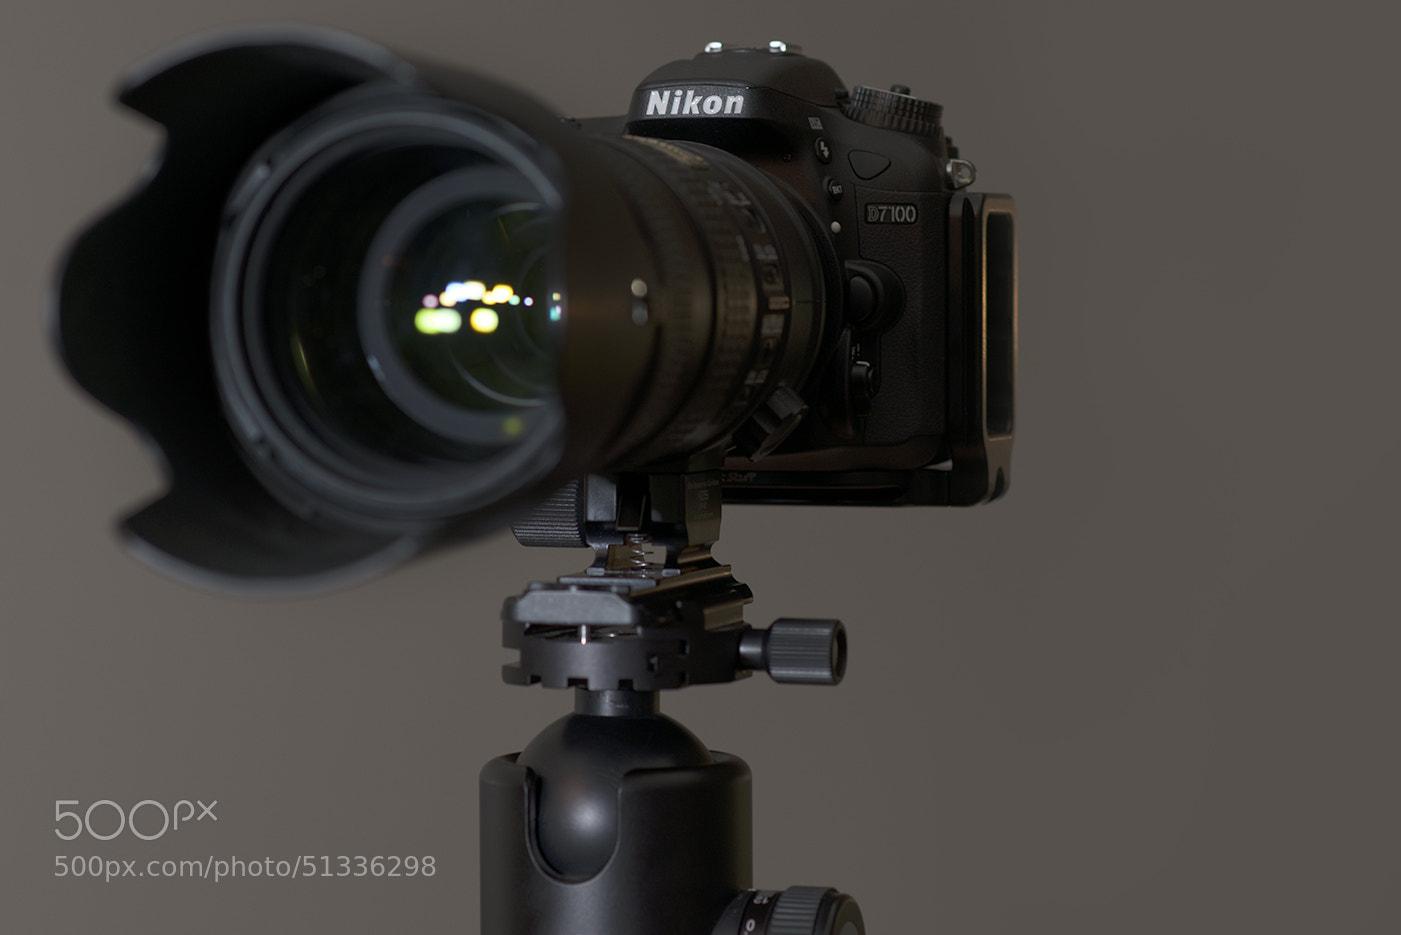 Photograph Nikon D7100 by Tobias Smith on 500px